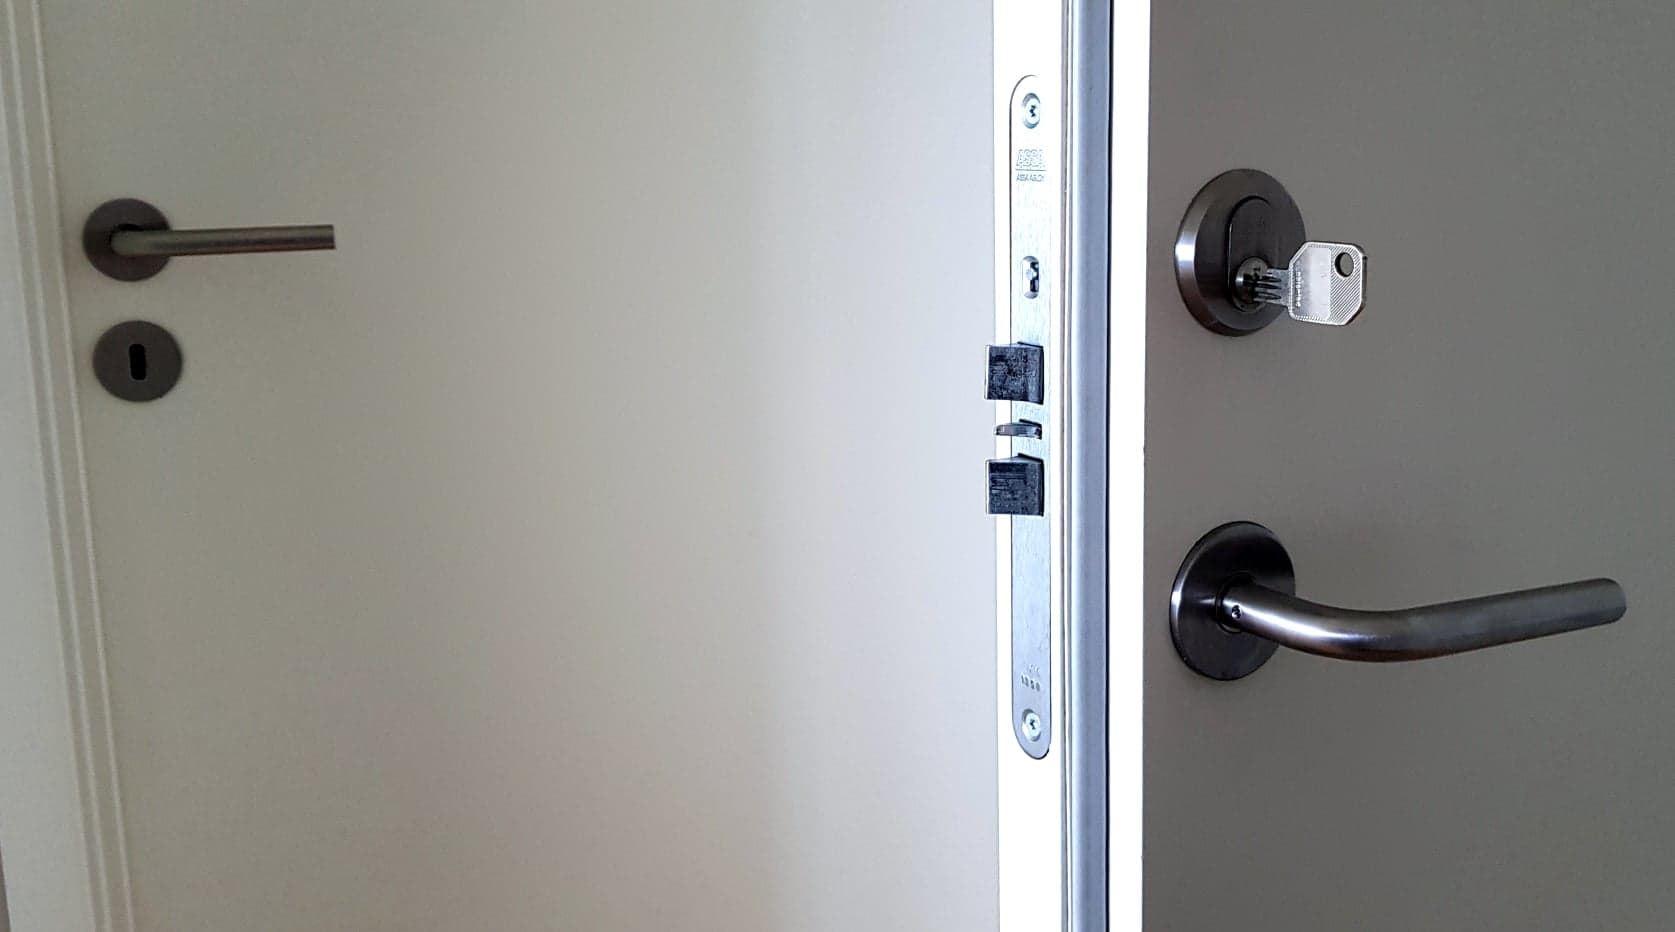 Billige låsesmed priser hos Norh låsesmed Amager